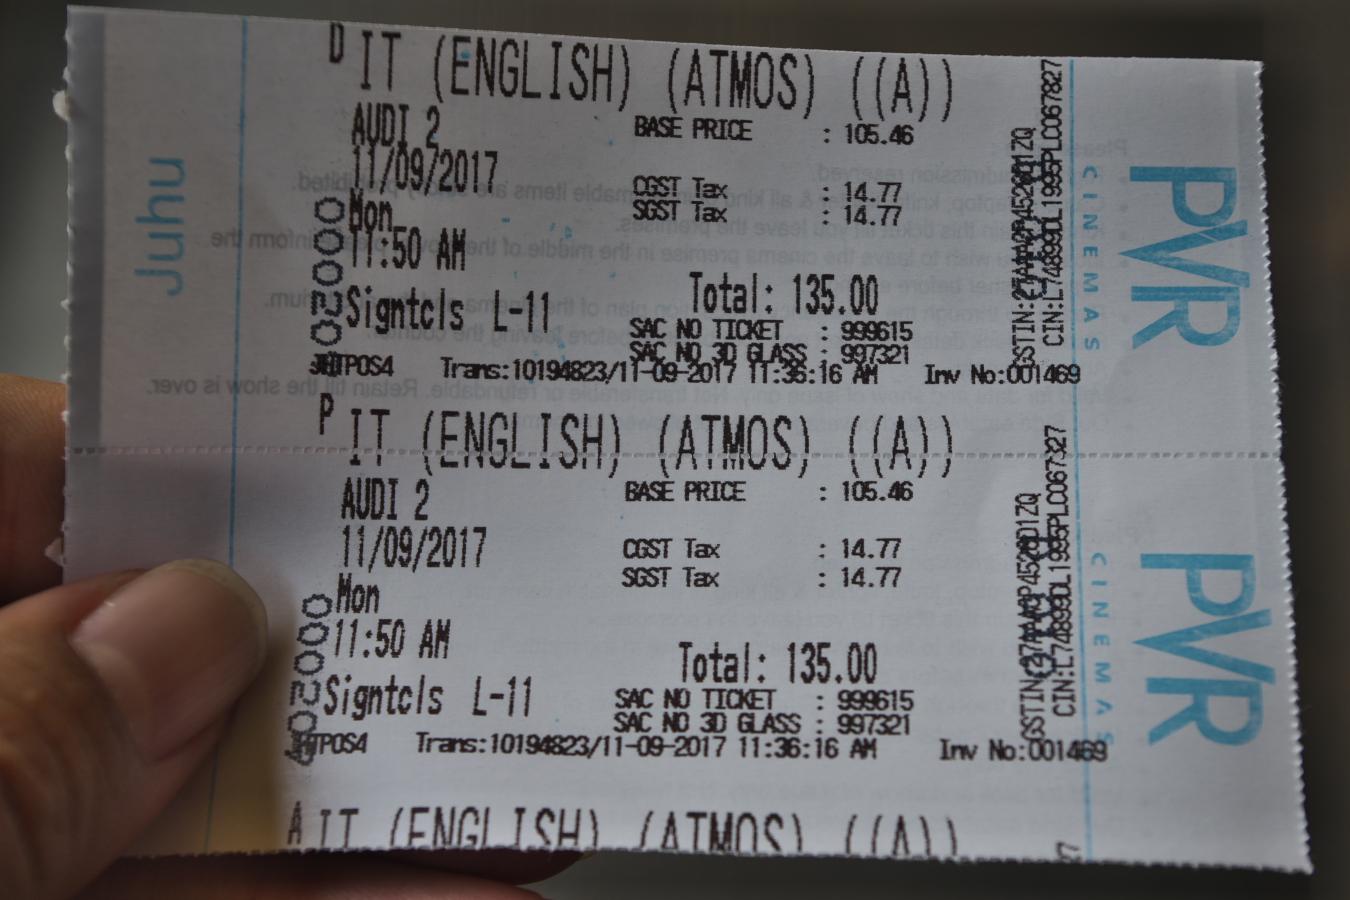 を 行く 映画 見 英語 に